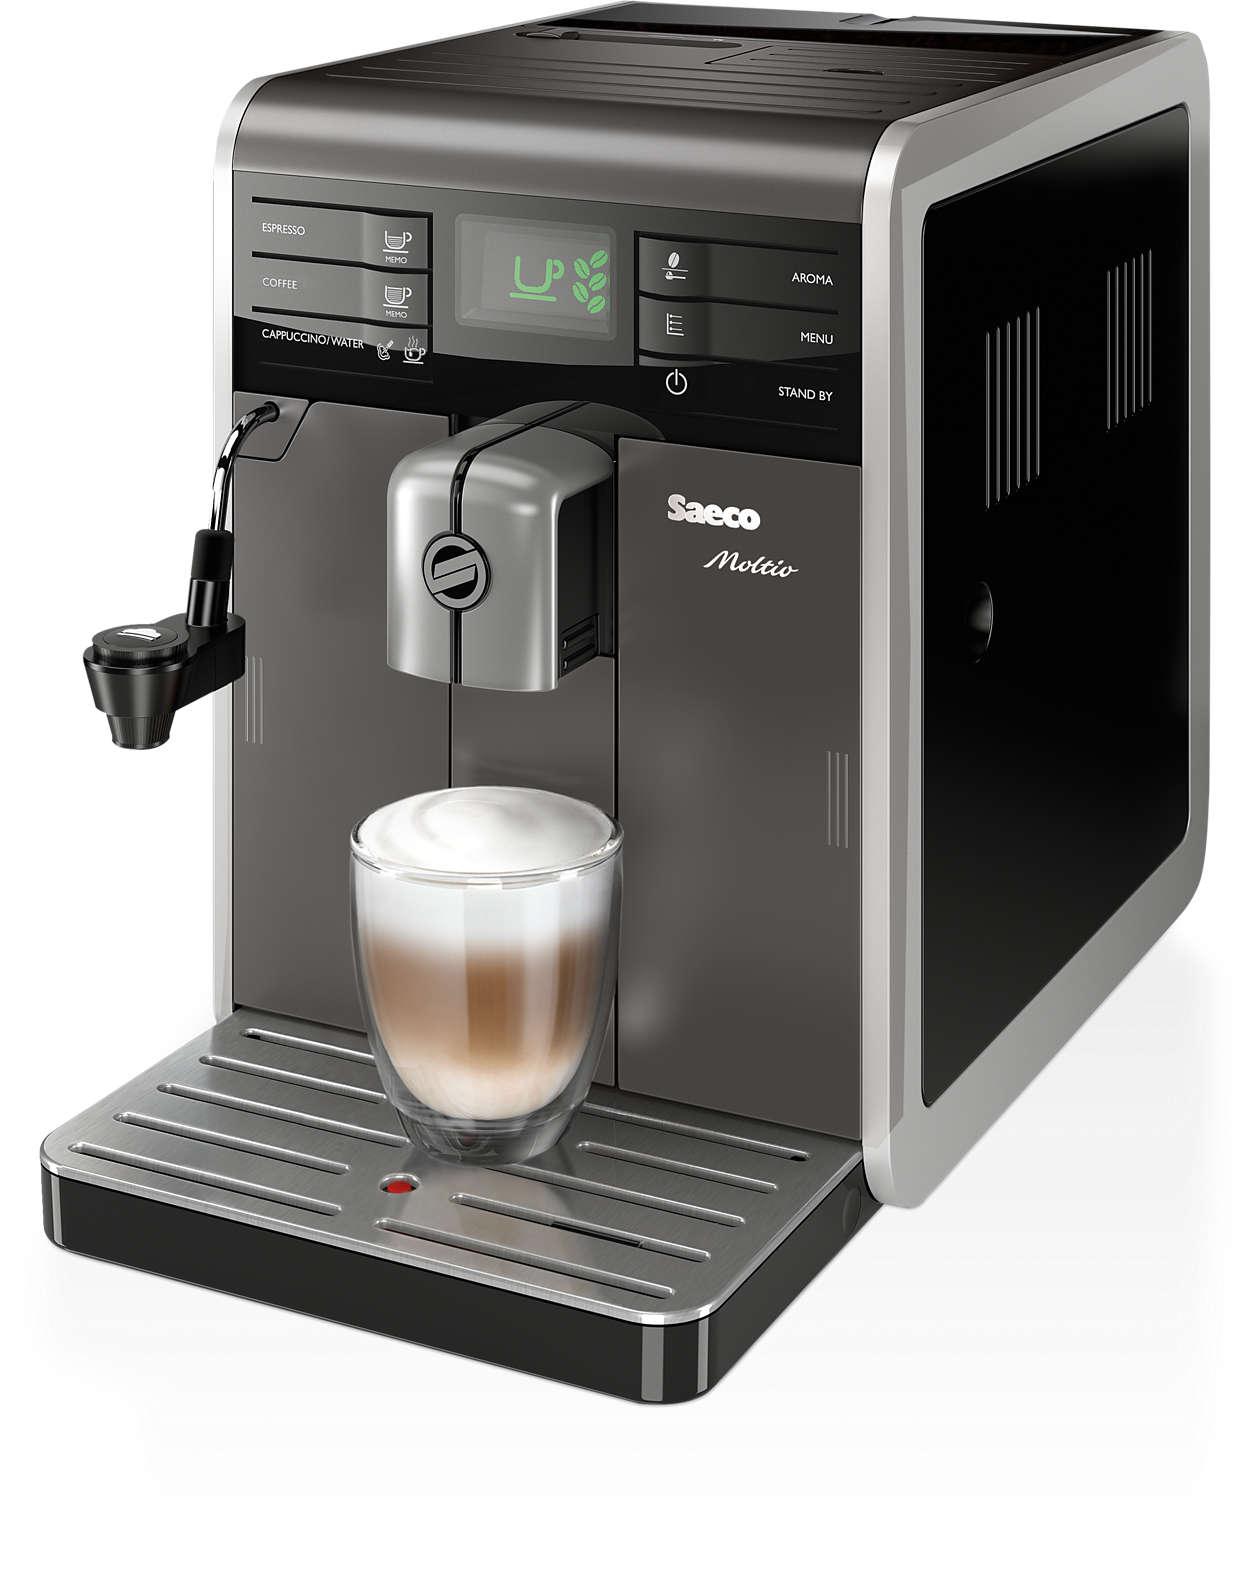 moltio super automatic espresso machine hd8768 03 saeco. Black Bedroom Furniture Sets. Home Design Ideas